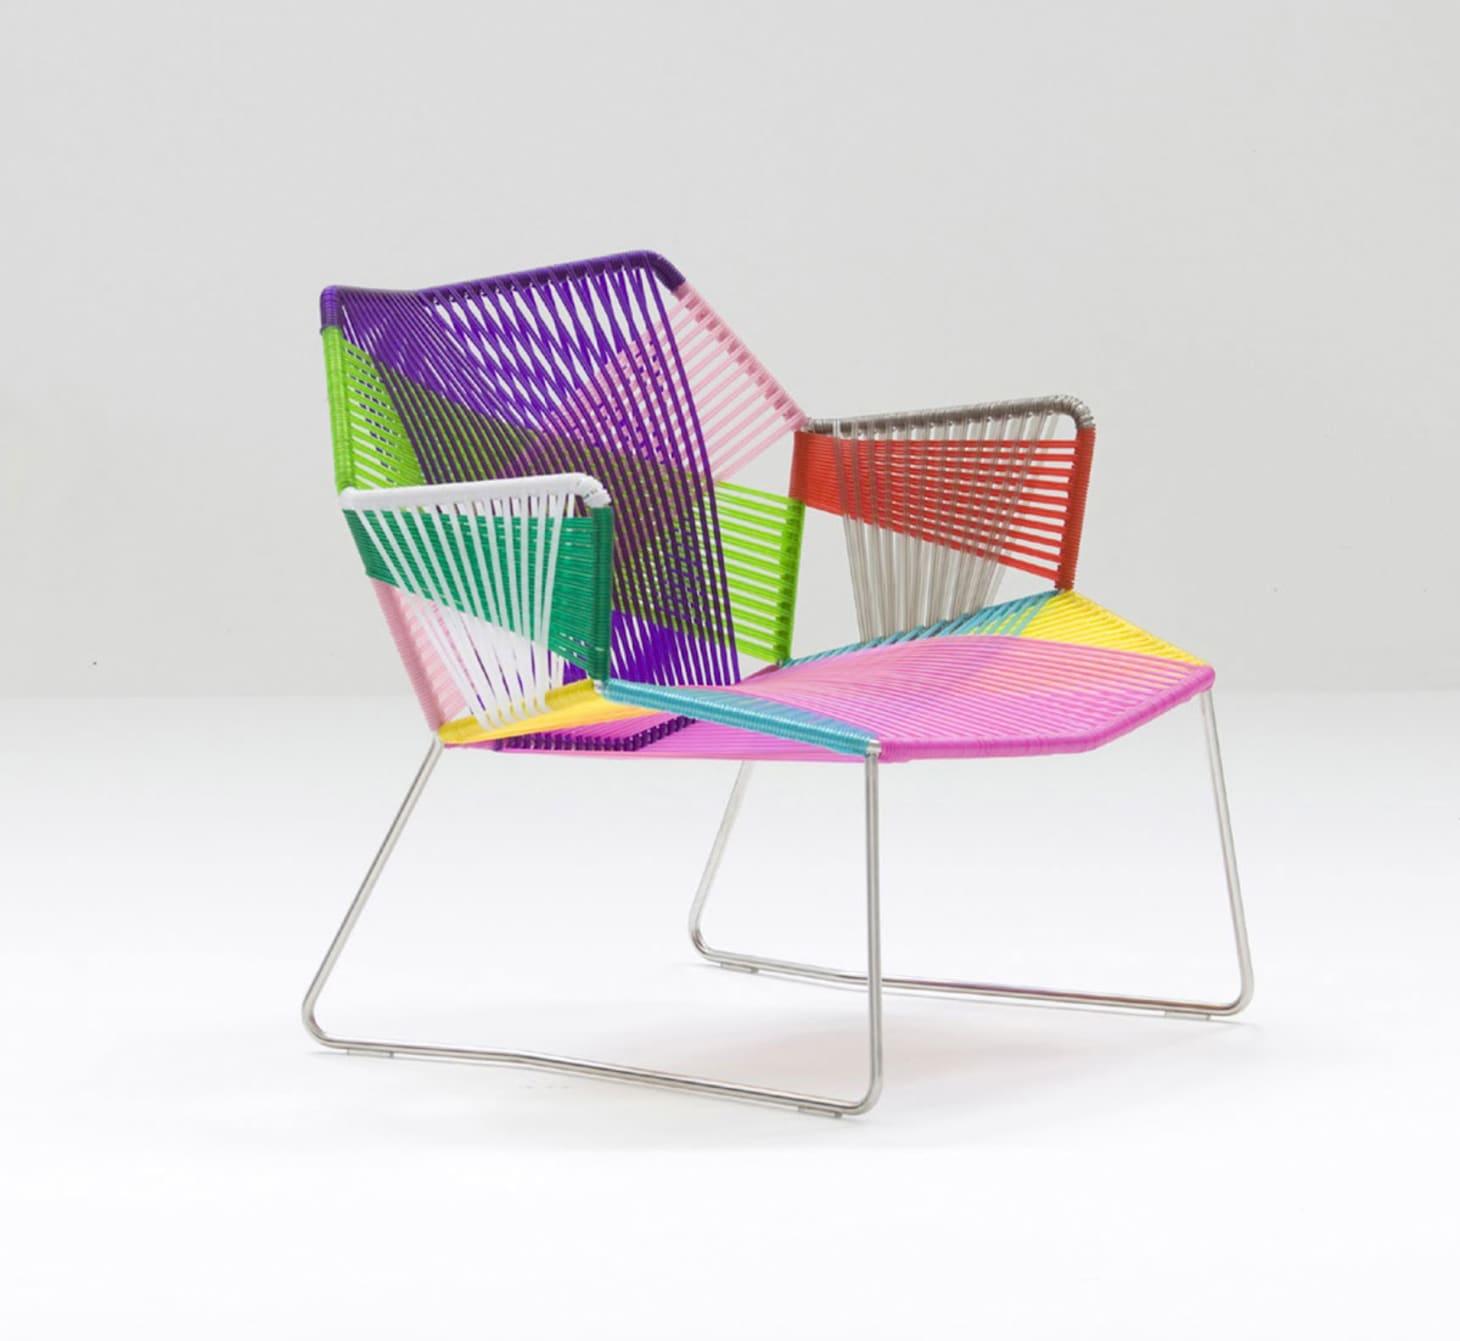 Patricia Urquiola Design.How Patricia Urquiola Is Taking Over The Design World